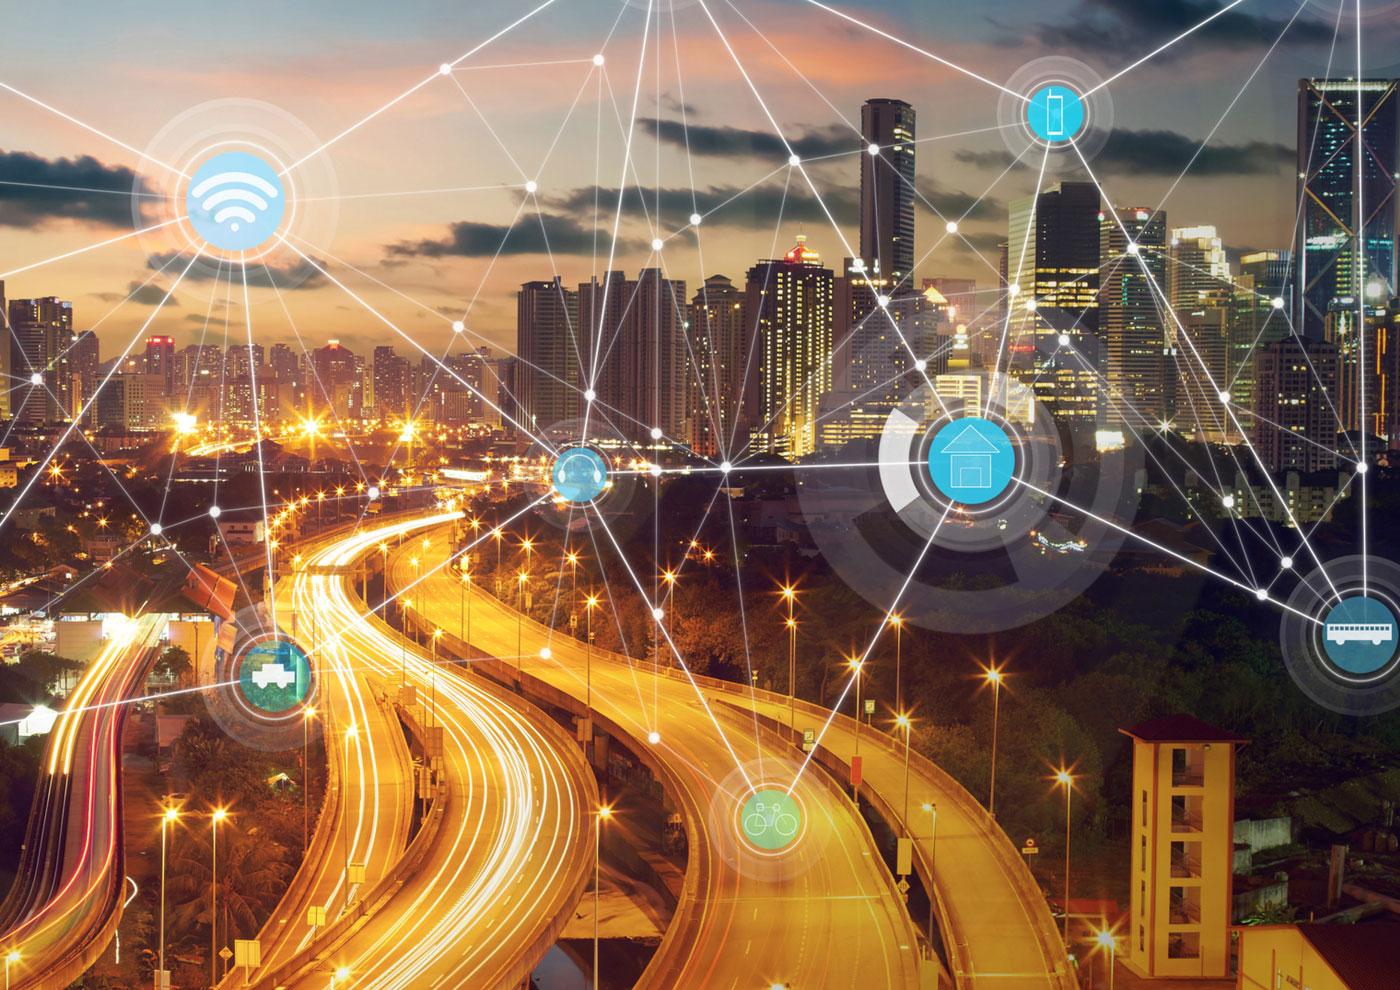 Cumulocity IoT de Software AG: la plataforma para Internet de las cosas en versión industrial